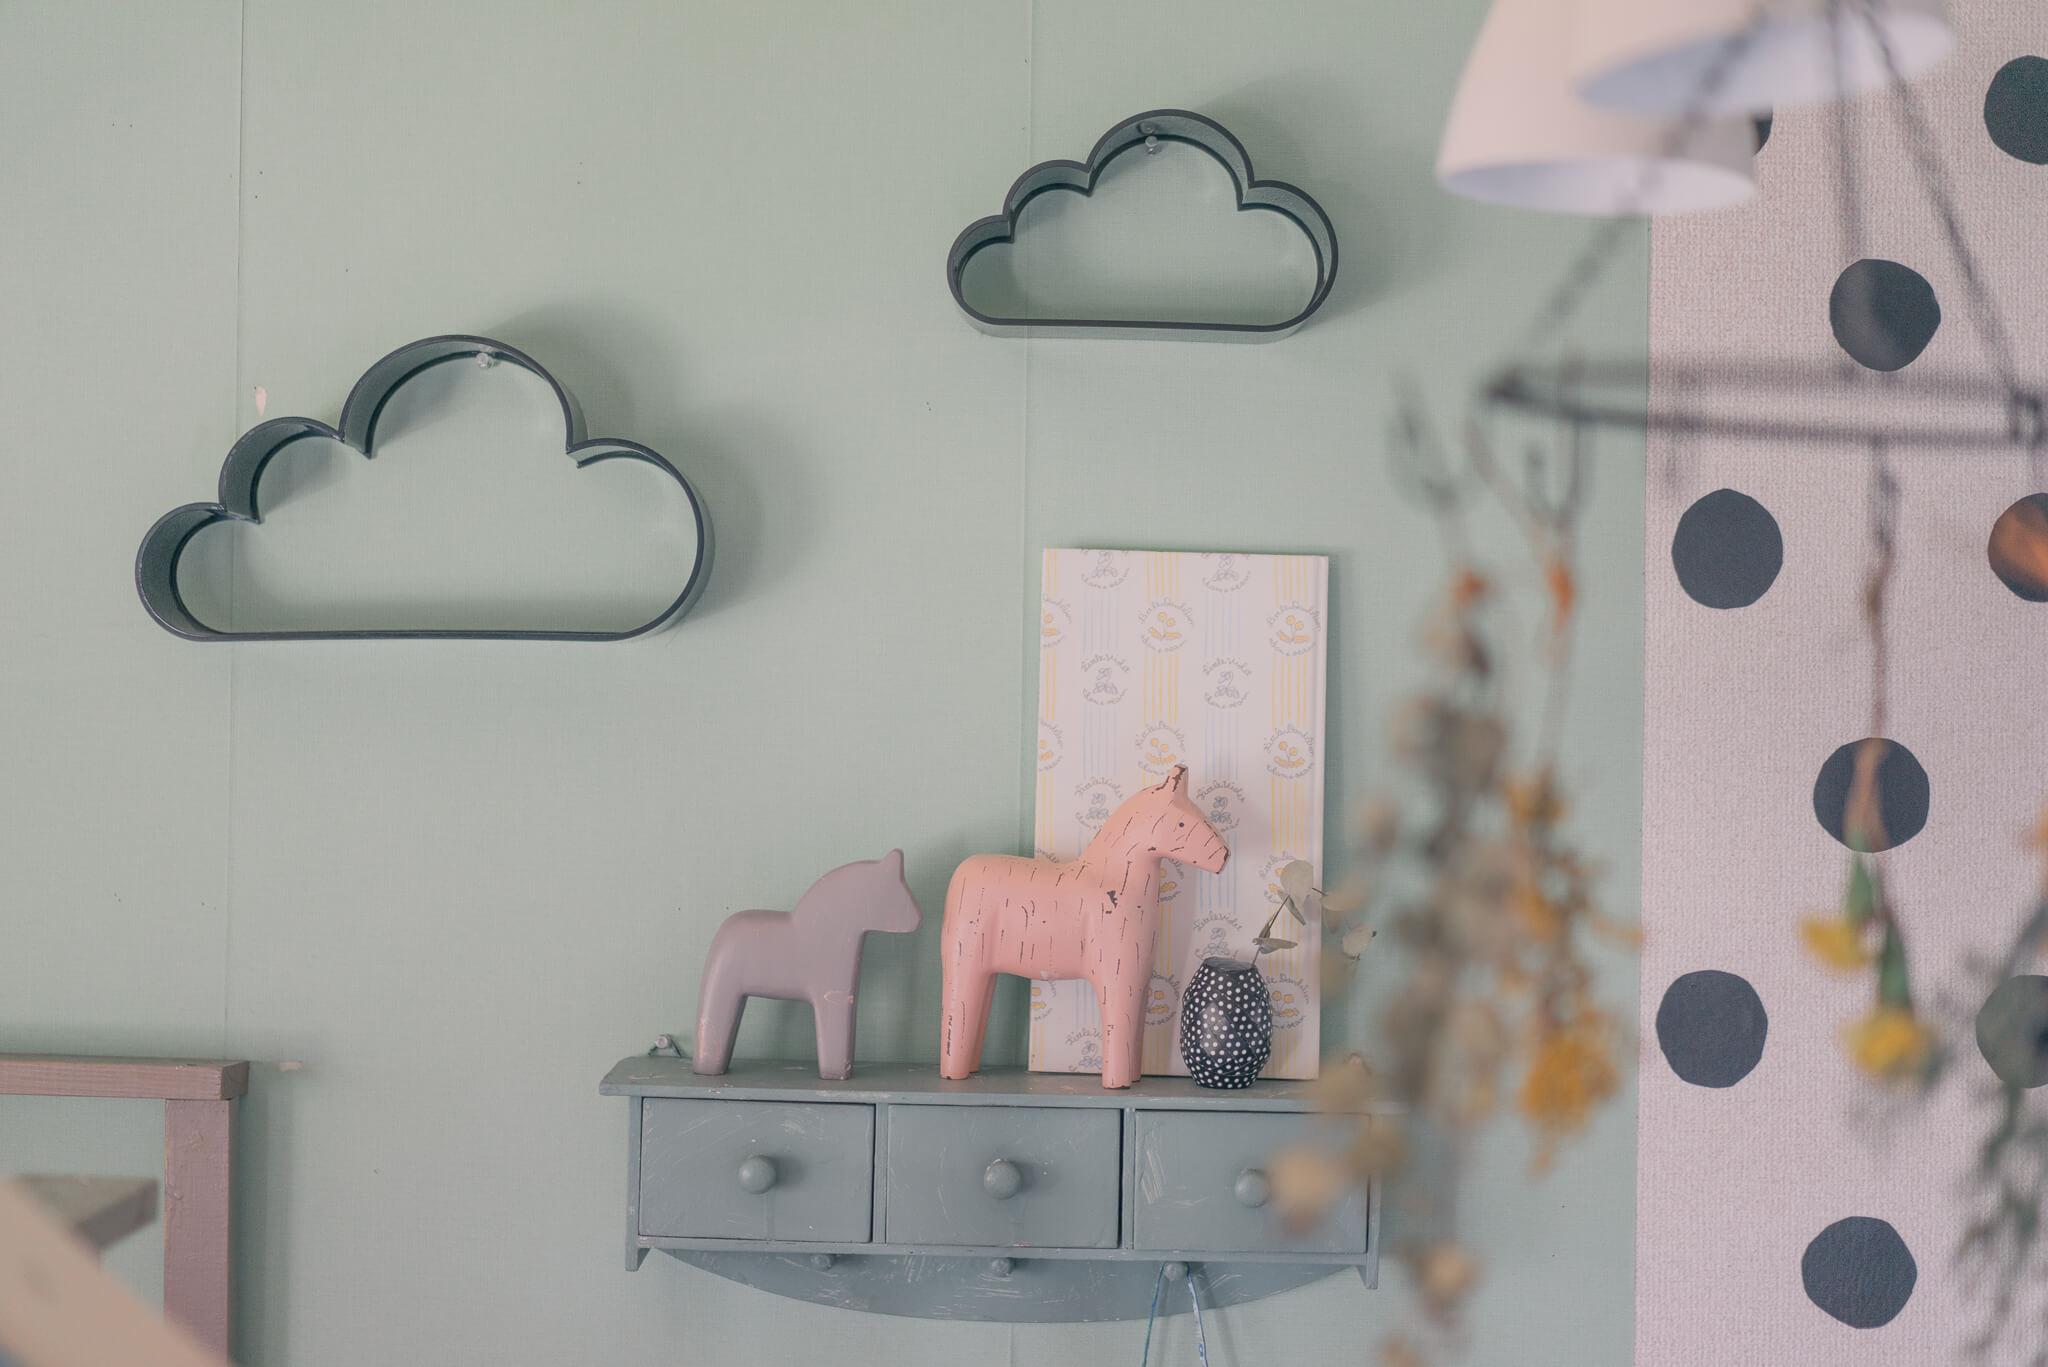 かわいい上にとっても優秀。フライングタイガーの雲形シェルフ